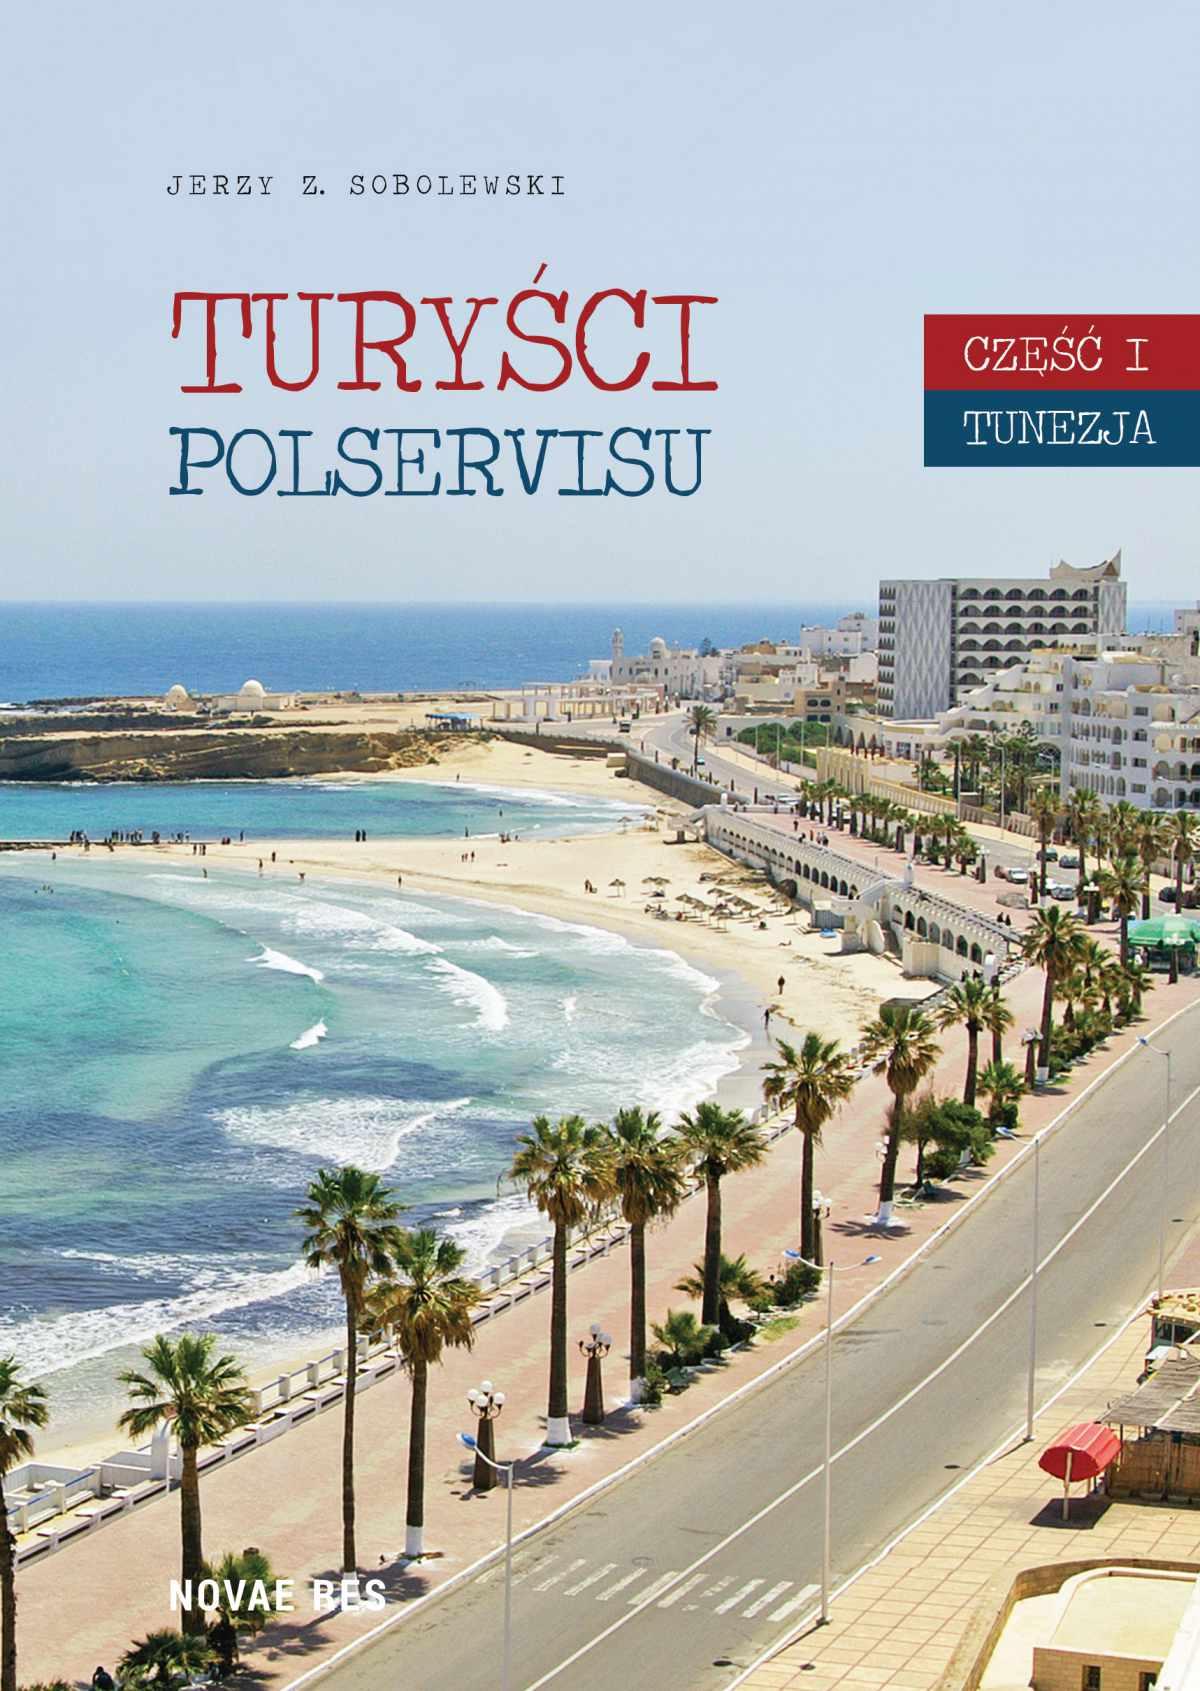 Turyści Polservisu. Część I. Tunezja - Ebook (Książka EPUB) do pobrania w formacie EPUB